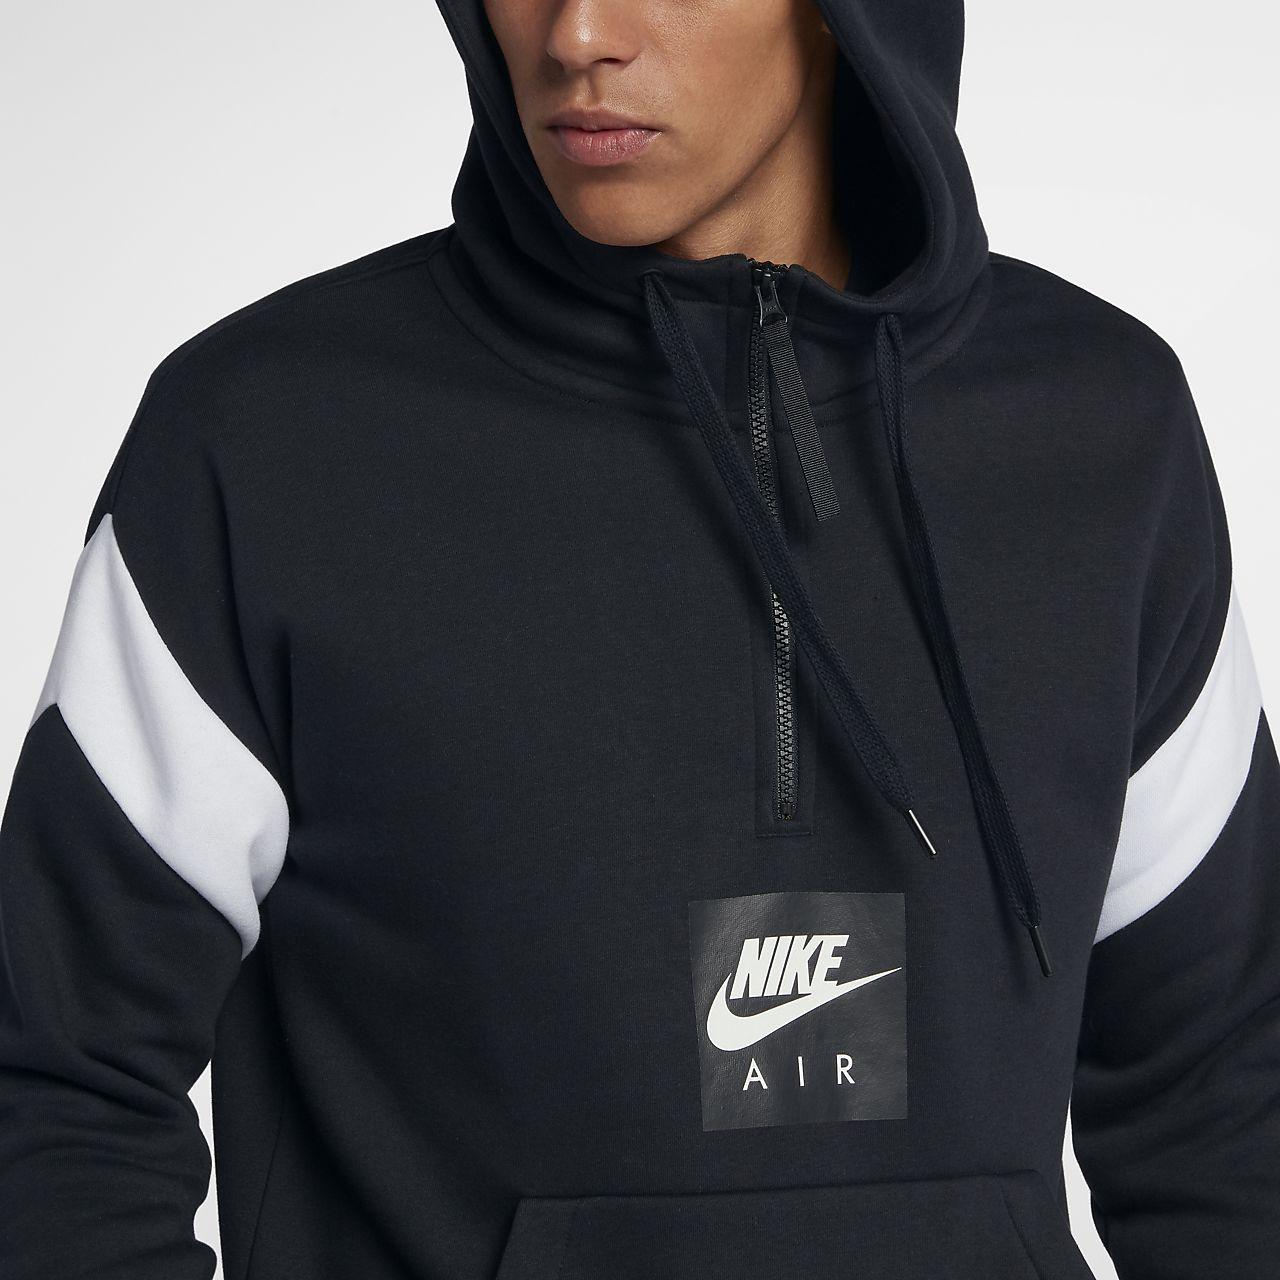 Homme À Air Nike Lu Pour Sportswear Capuche Sweat WRBO6wqYq 8f7010dc7add